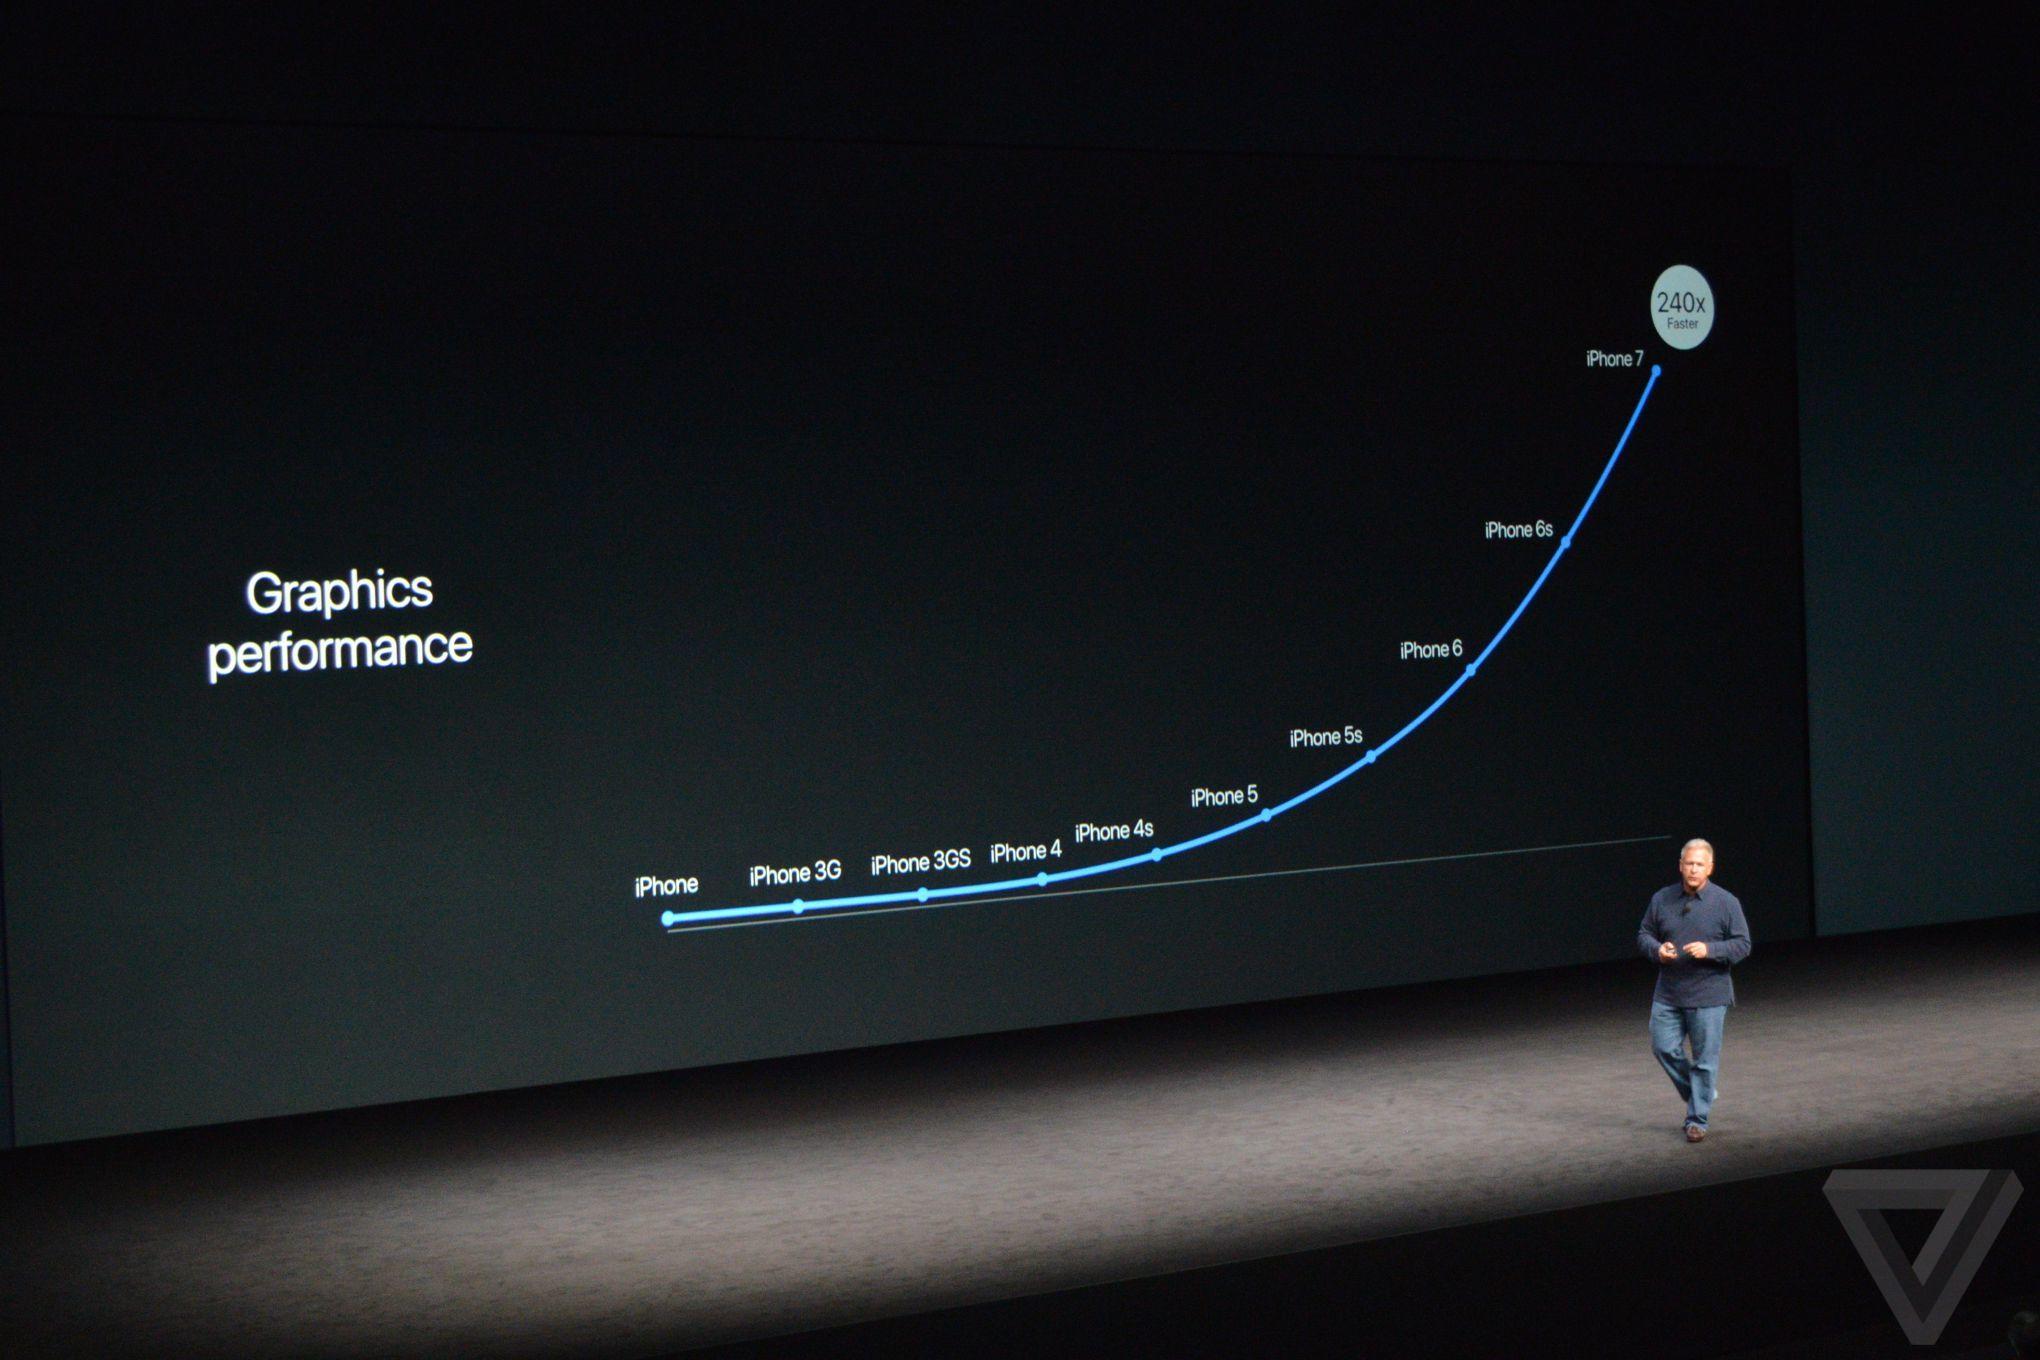 Khả năng xử lý đồ họa qua các phiên bản chip của Apple. A10 mạnh gấp 240 lần phiên bản iPhone đầu tiên.